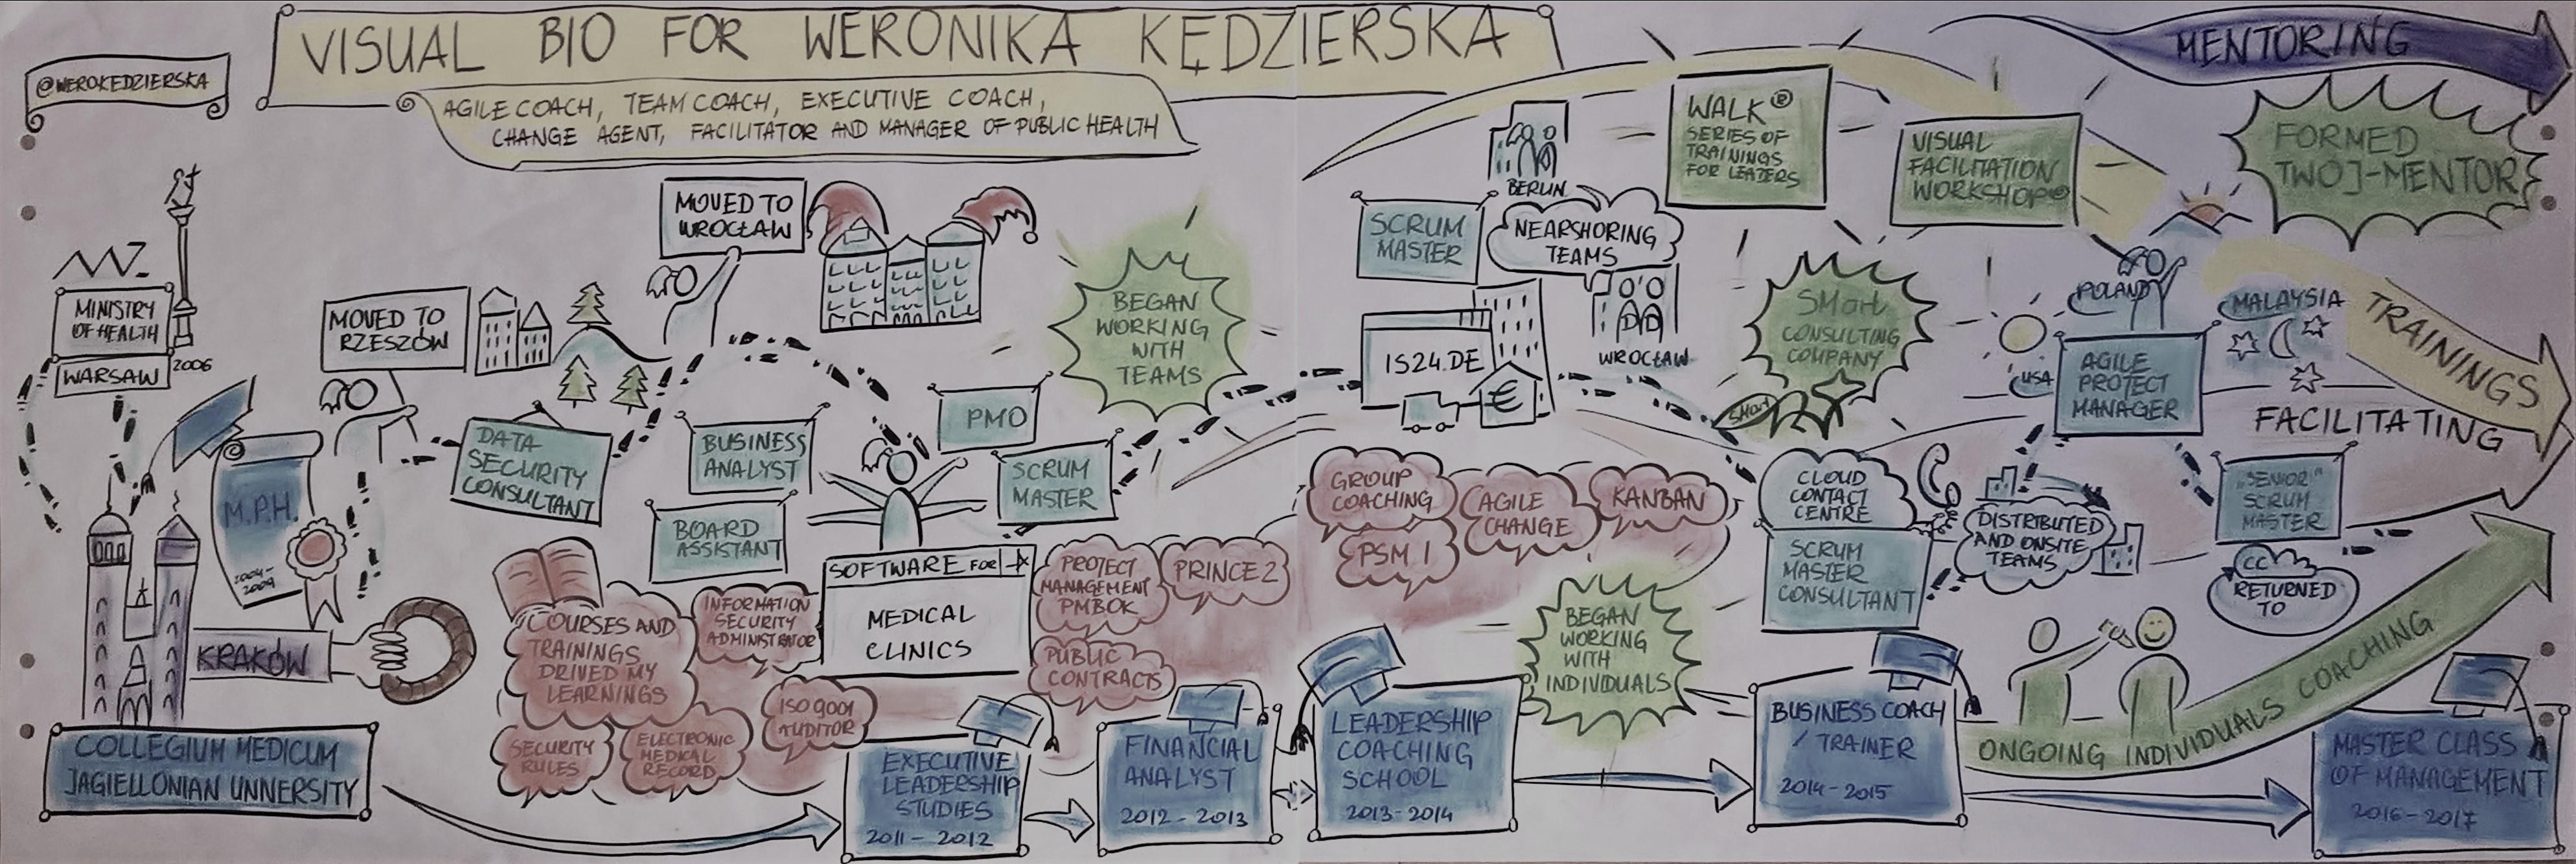 visualbio_werokedzierska_slate